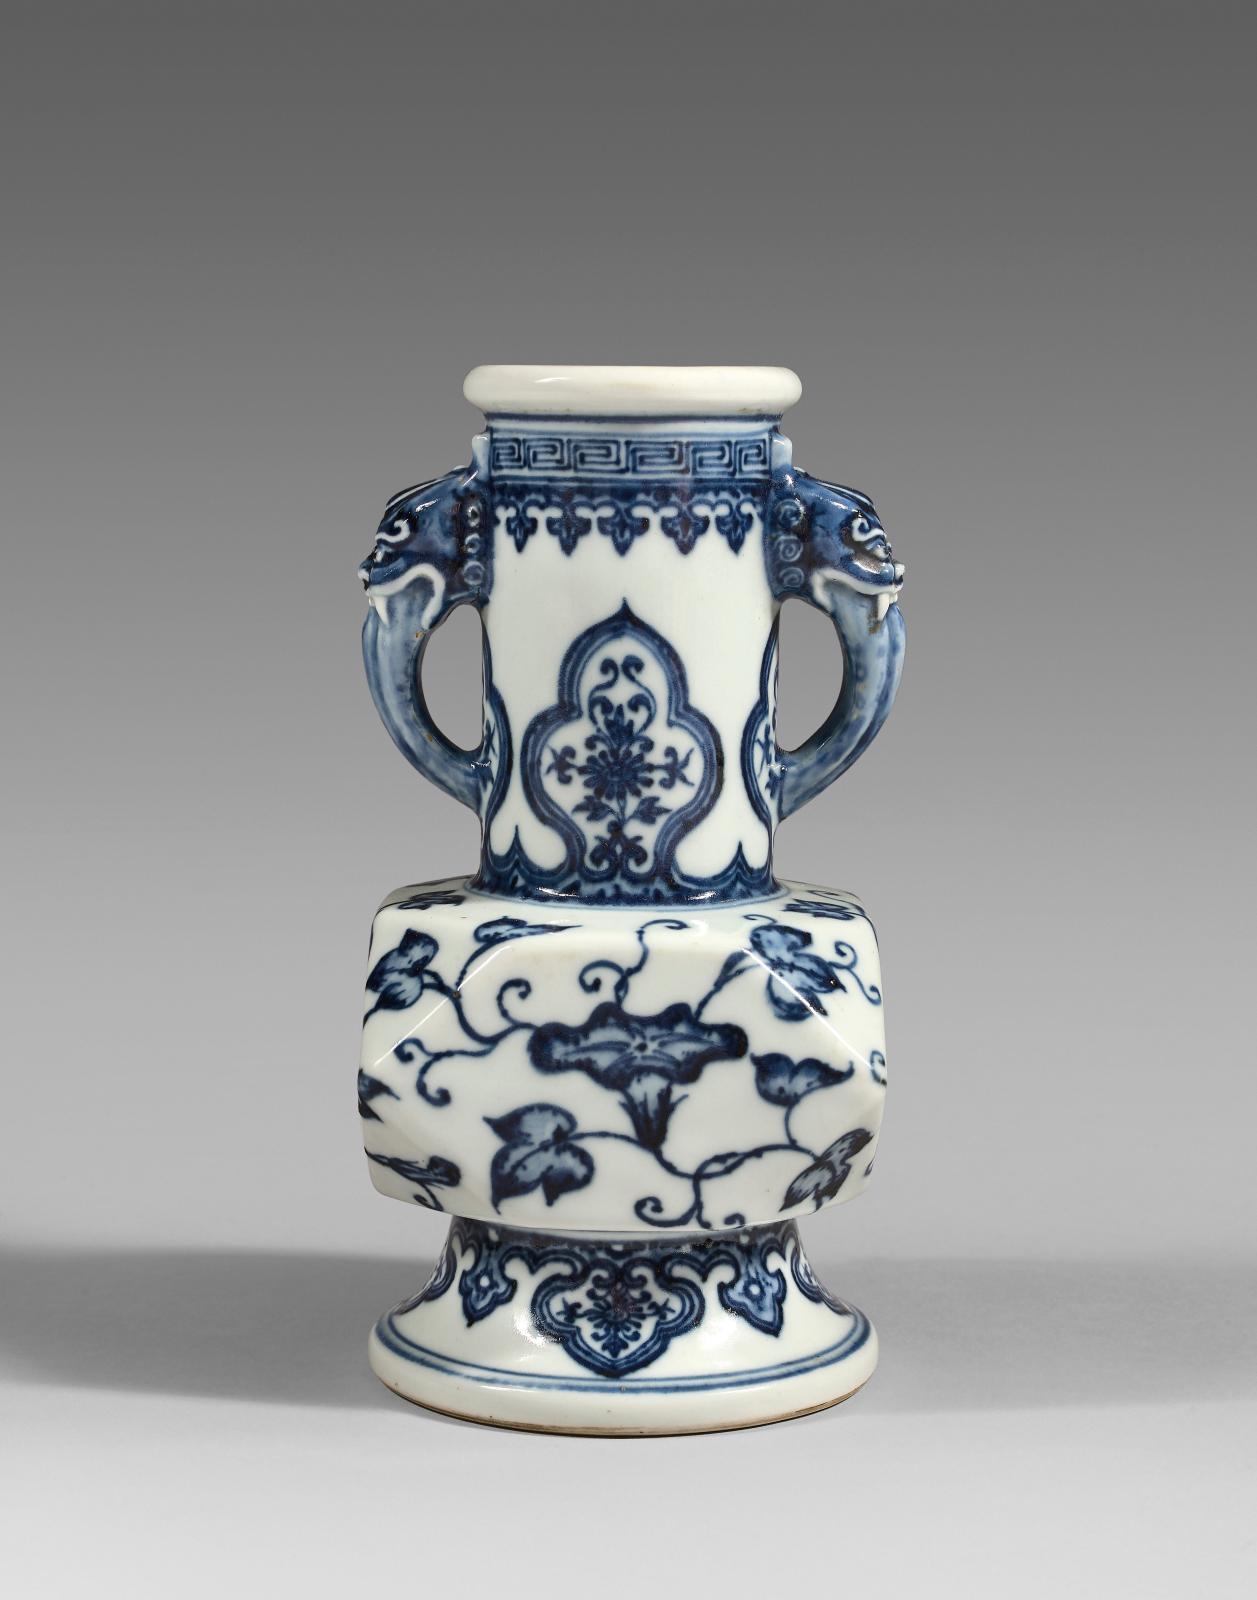 Chine, période Yongzheng (1723-1735). Vase en porcelaine de forme balustre à décor en bleu sous couverte; au revers, marque Yongzheng à six caractère